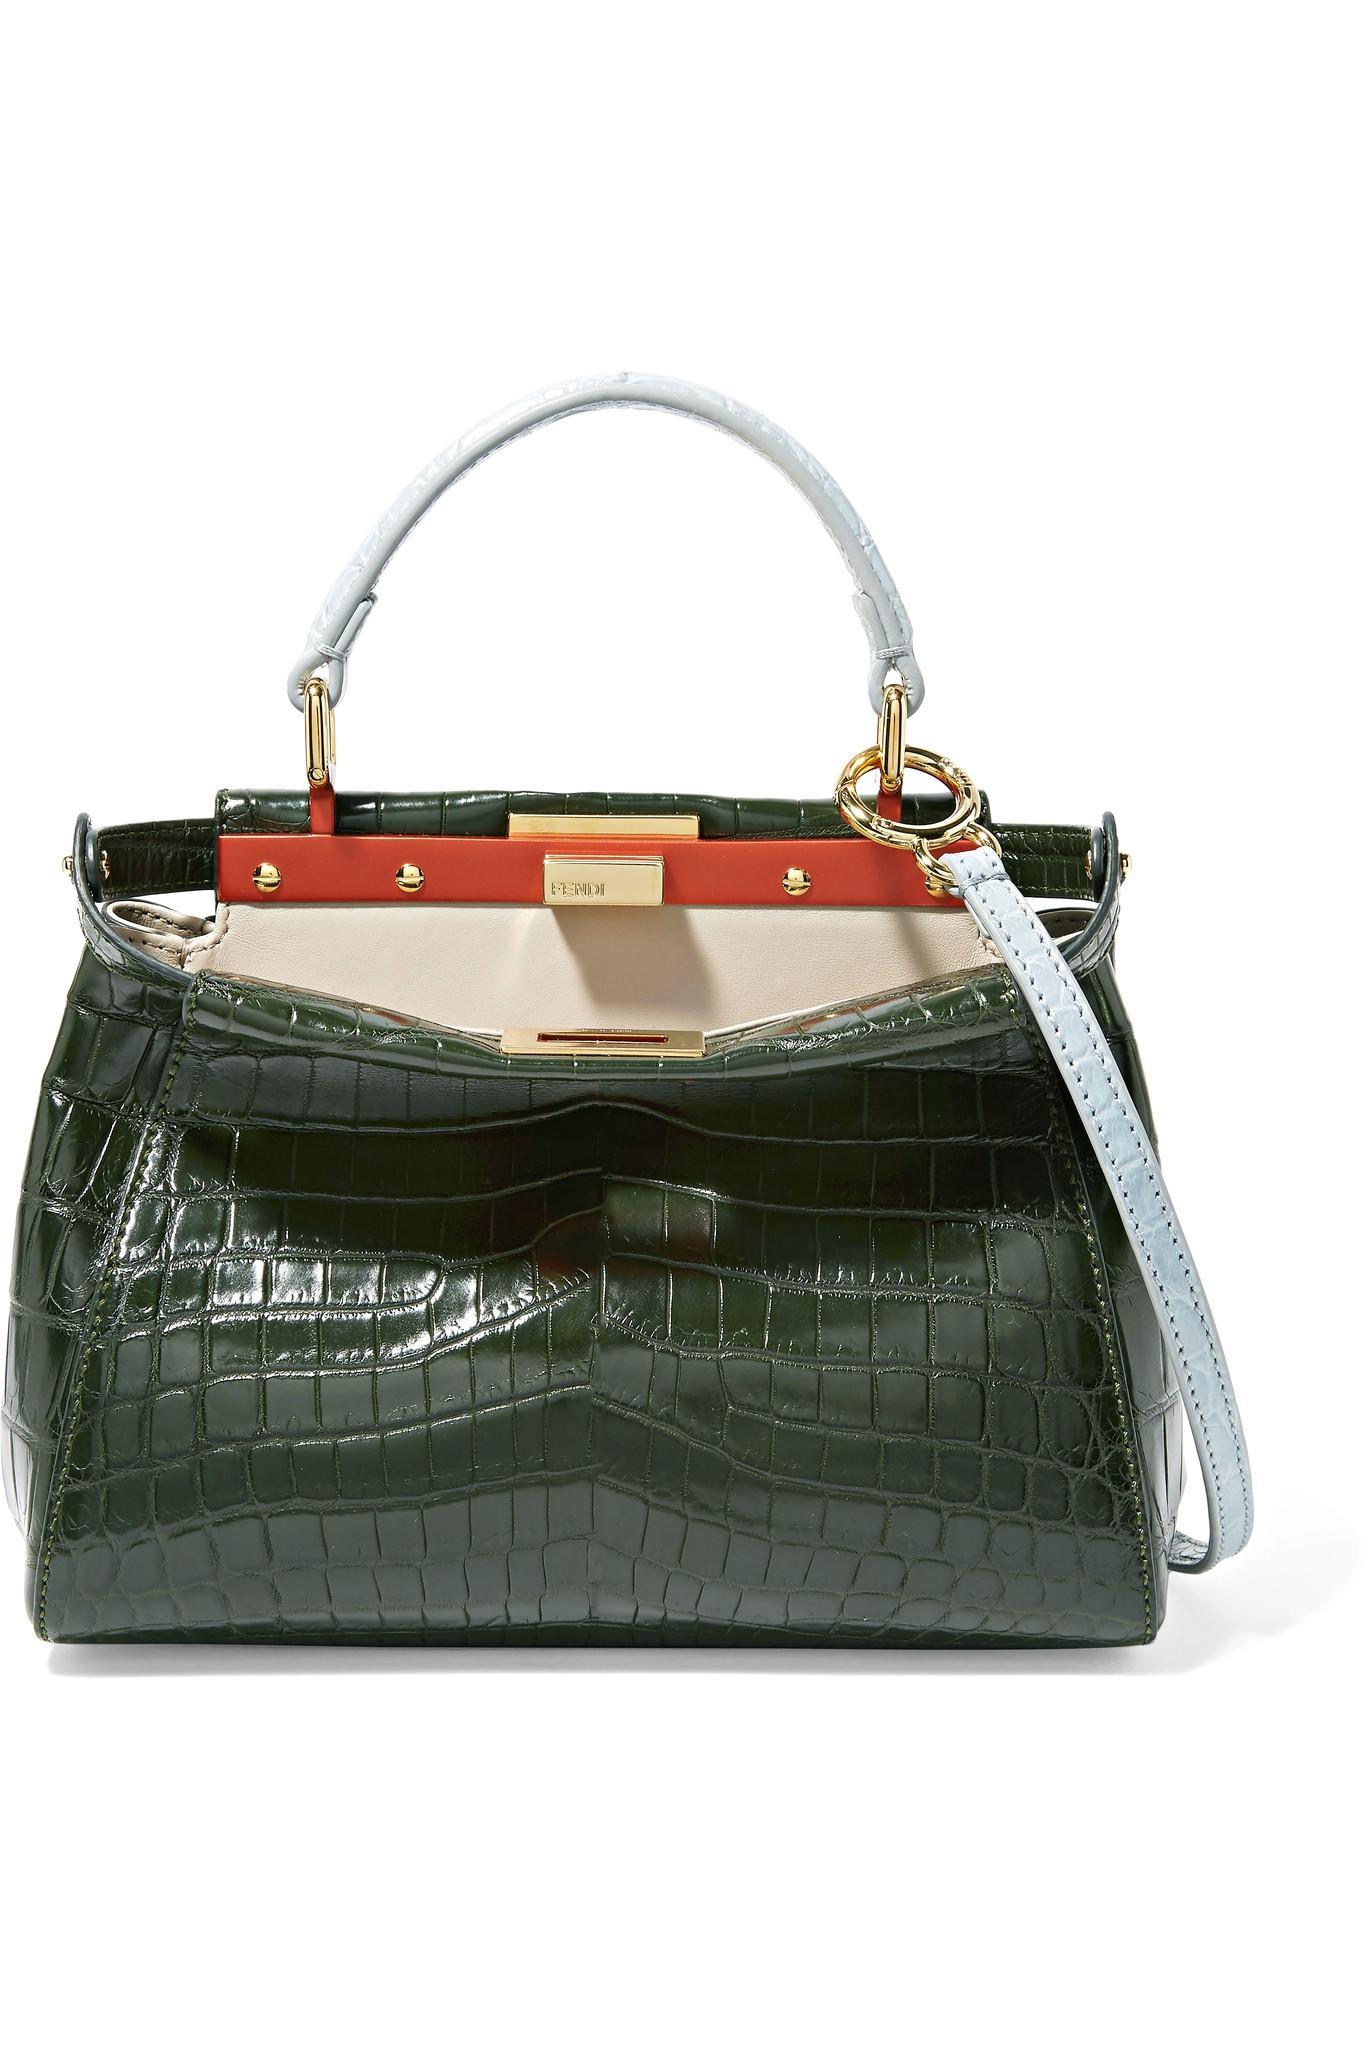 40b7528c76a0 Lyst - Fendi Peekaboo Mini Crocodile Shoulder Bag in Green